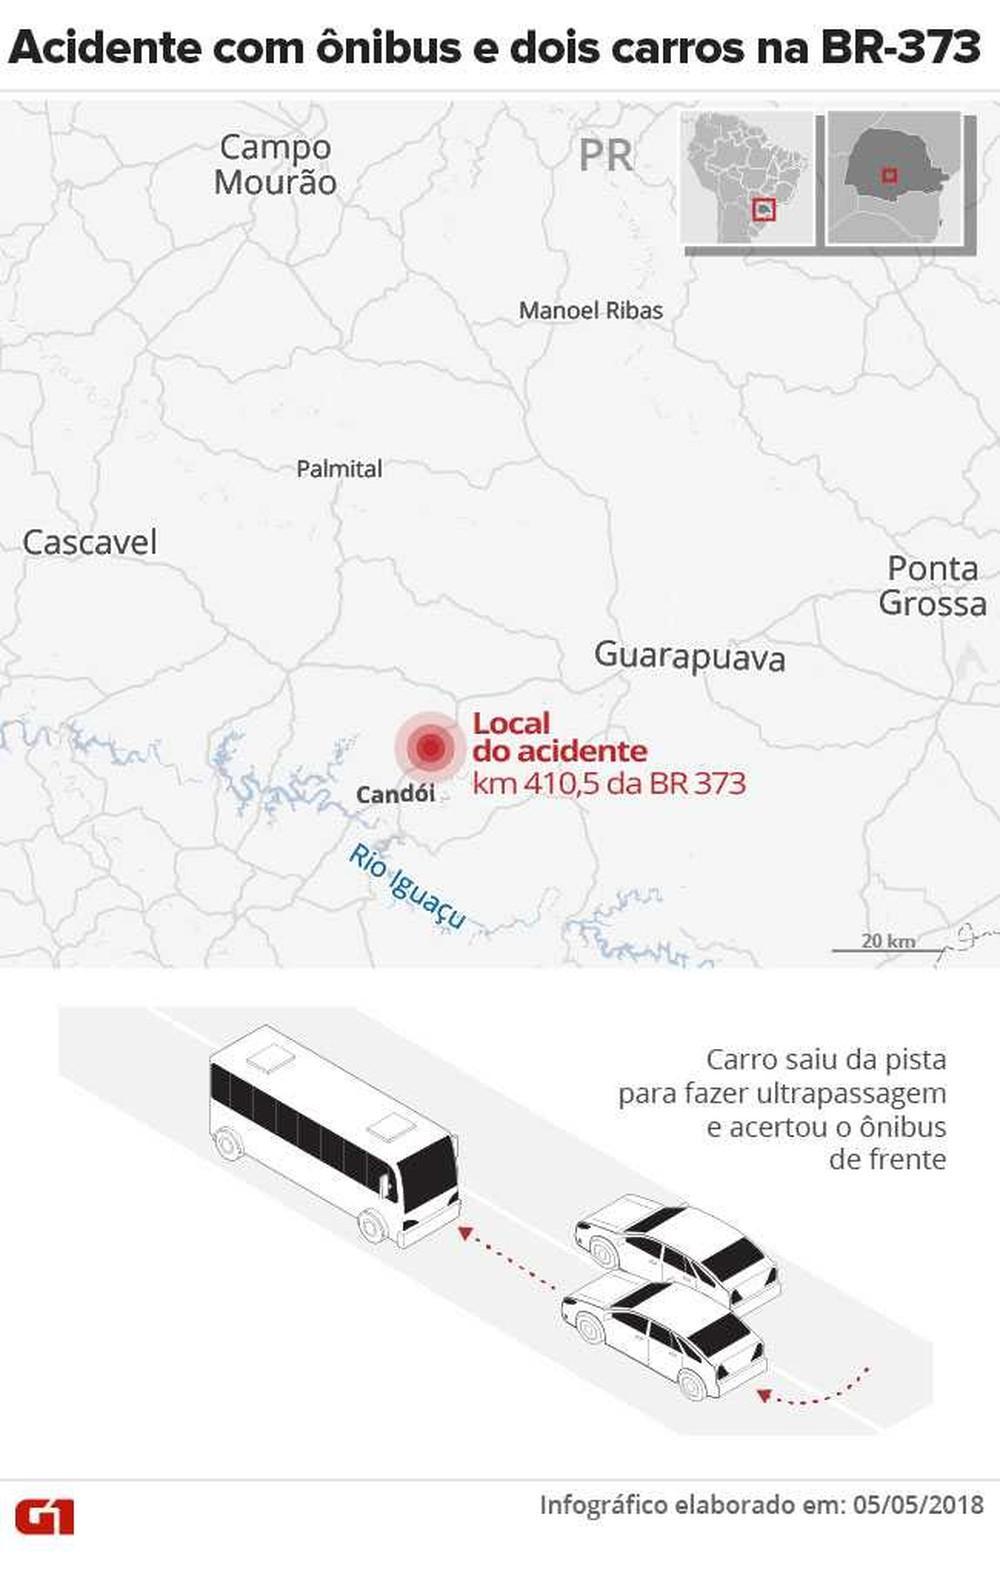 Motorista que abandonou carro após acidente com nove mortos no Paraná se apresenta à polícia